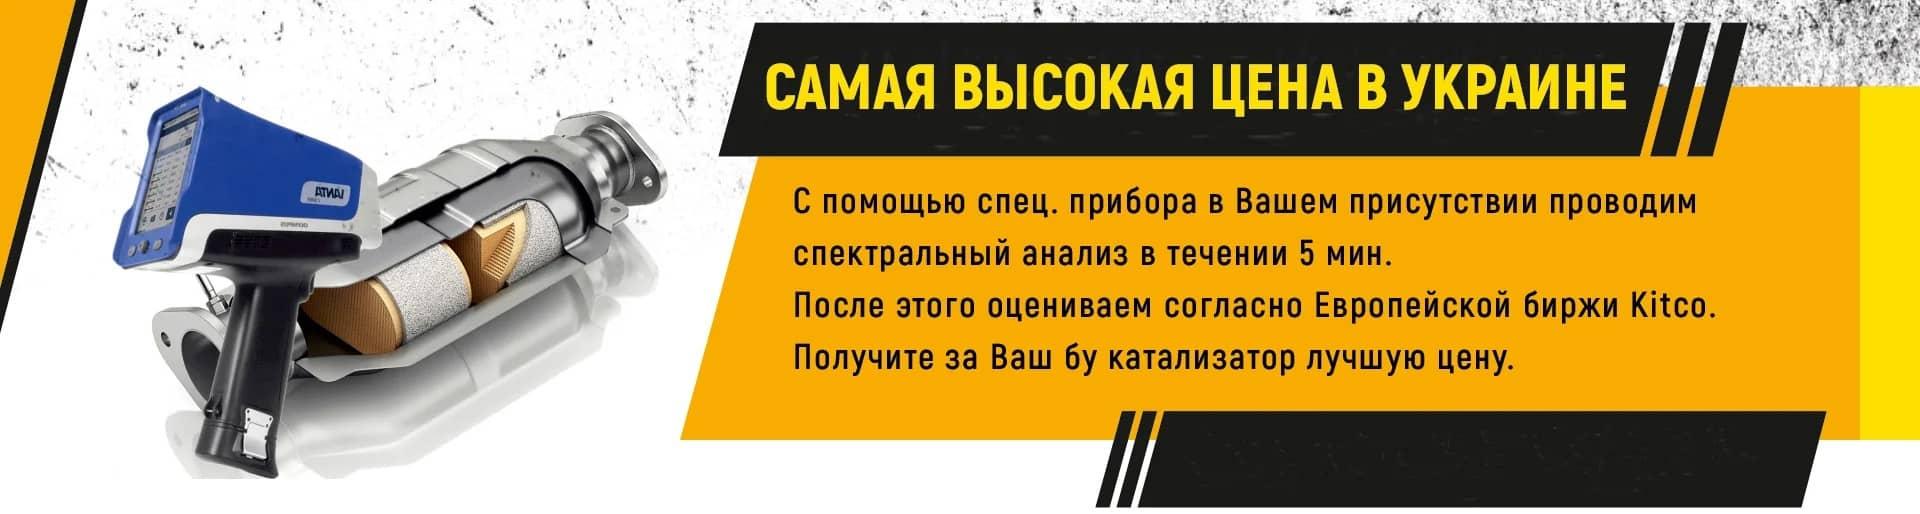 Выкуп катализаторов - Самая высокая цена в Украине